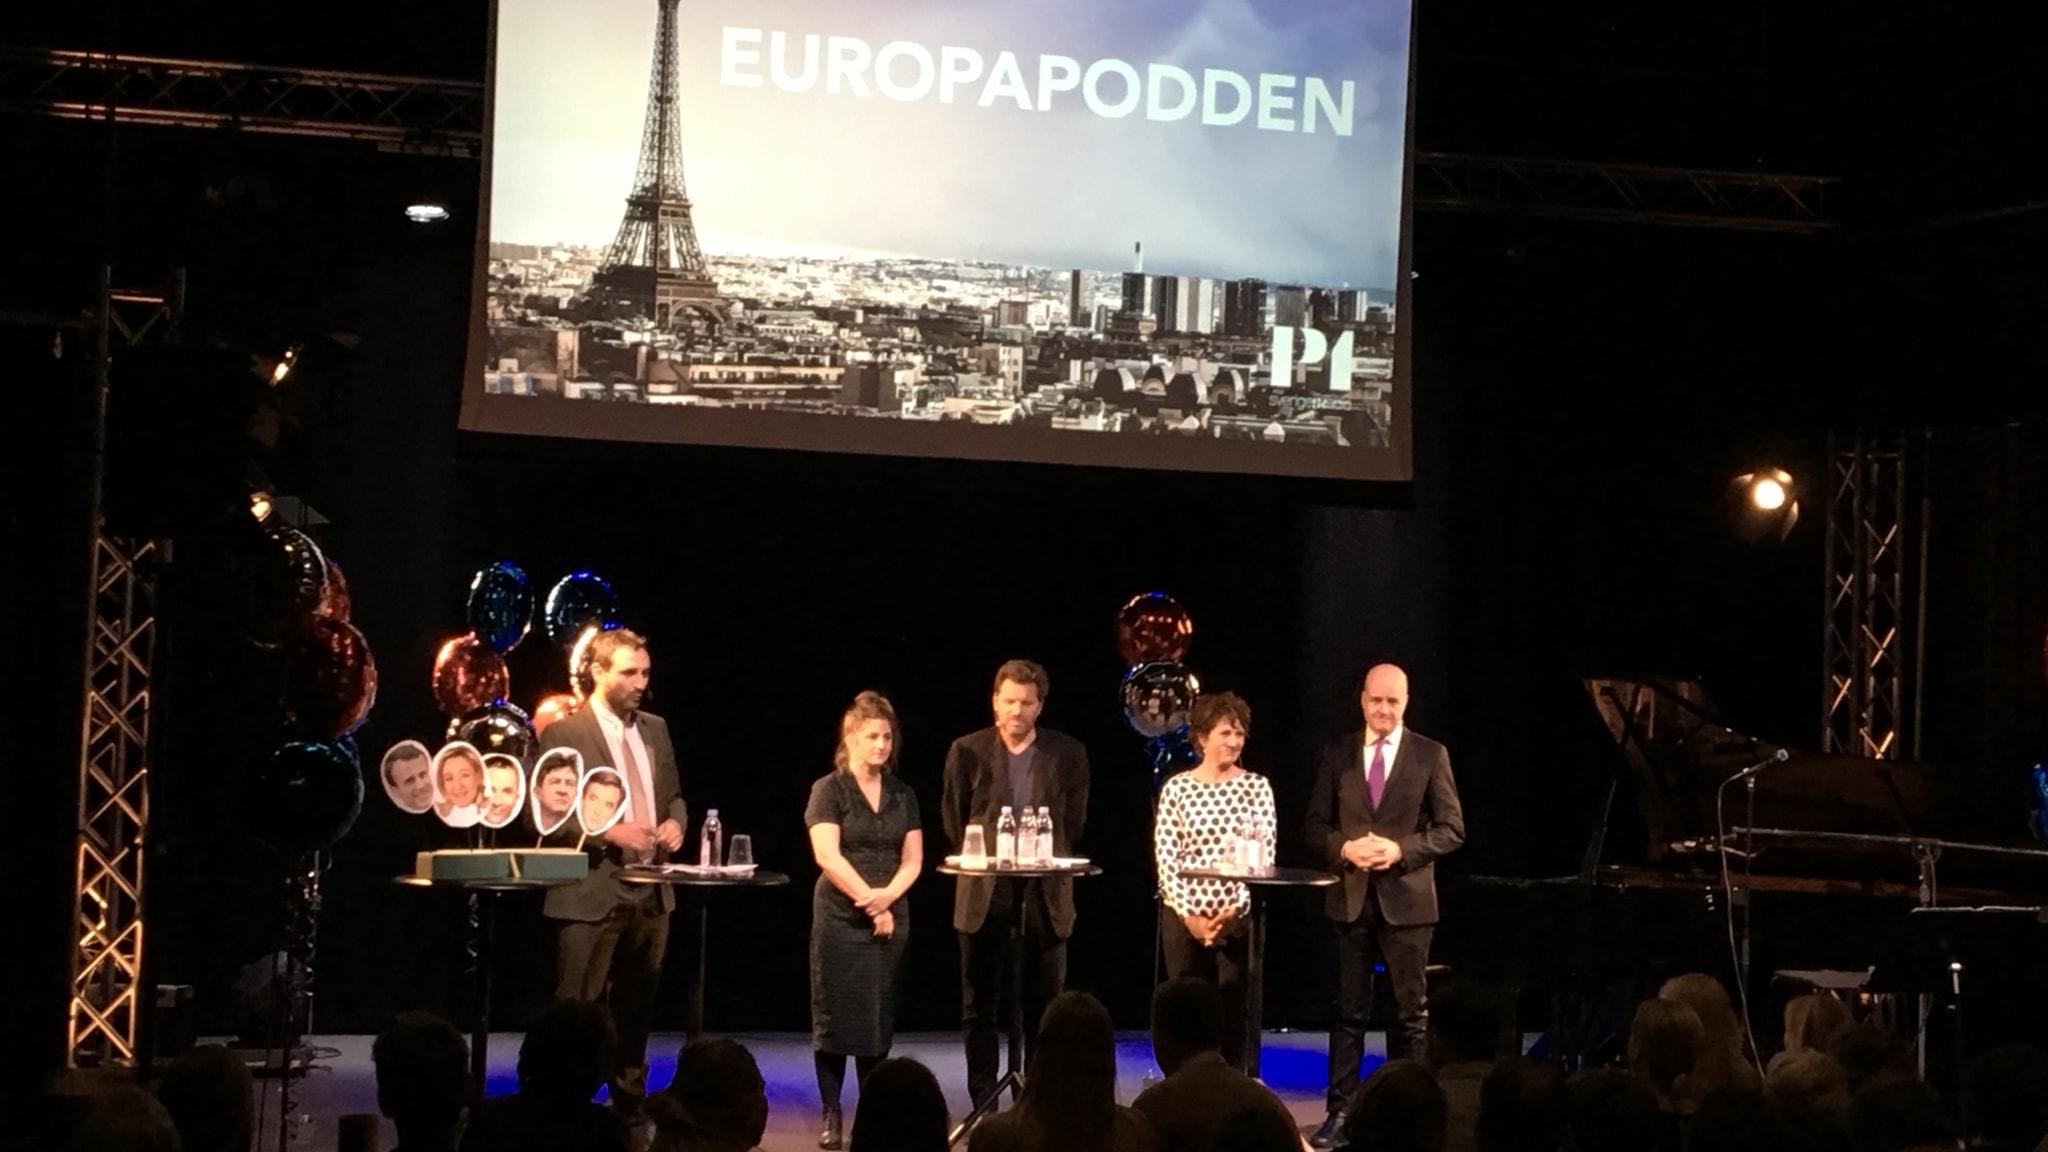 Avsnitt 13: Europapoddens scenshow med Fredrik Reinfeldt och Rikard Wolff